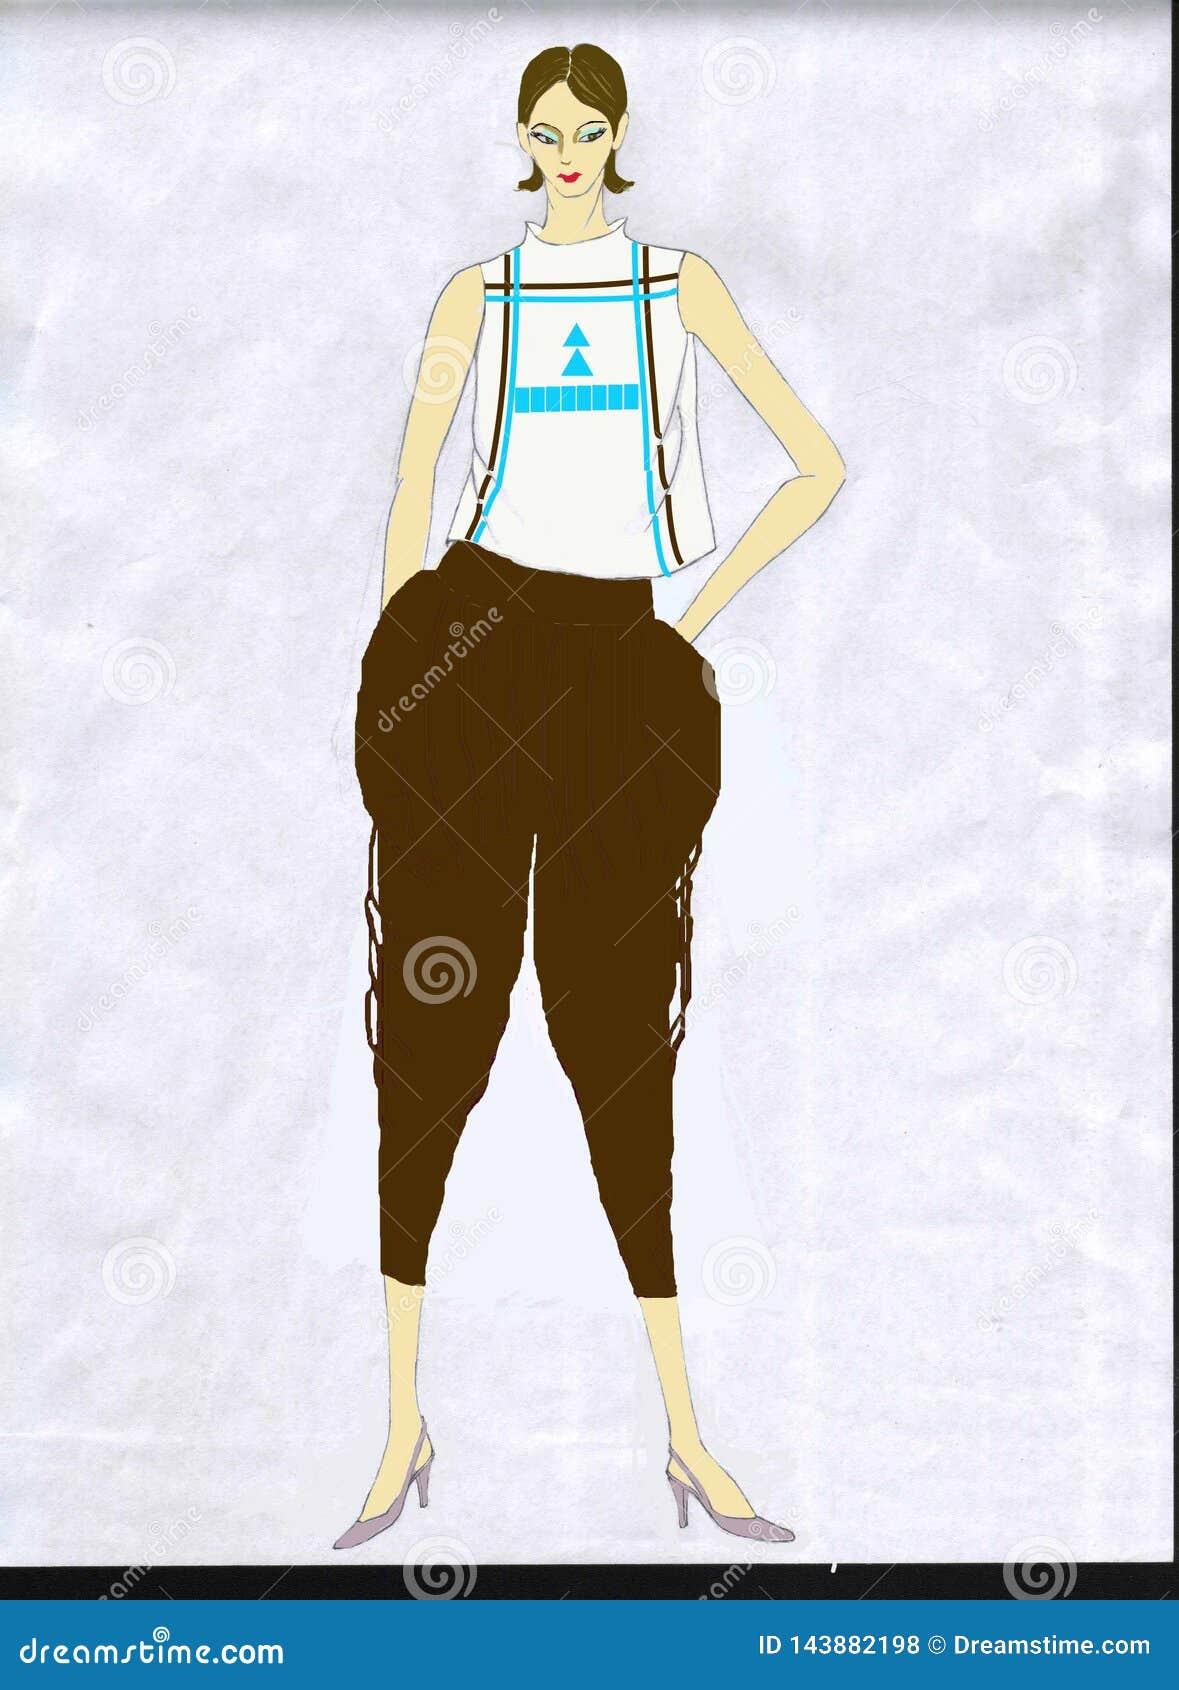 Modedesign - förbättrade kinesiska kläder - tillfälliga kläder